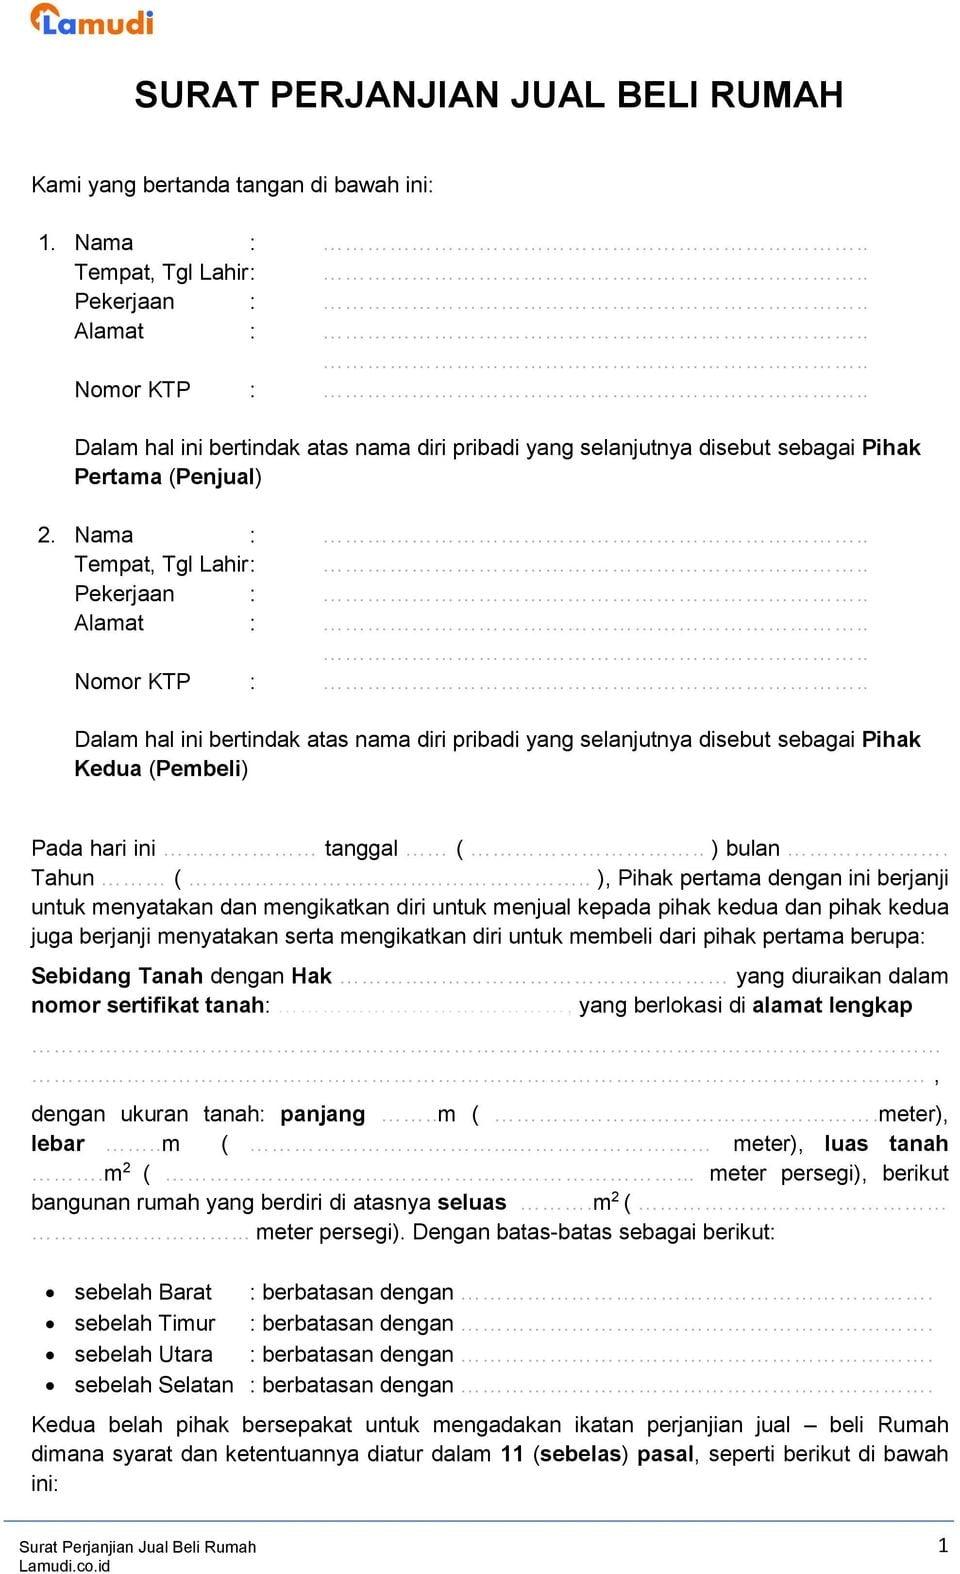 SURAT PERJANJIAN JUAL BELI RUMAH PDF Free Download